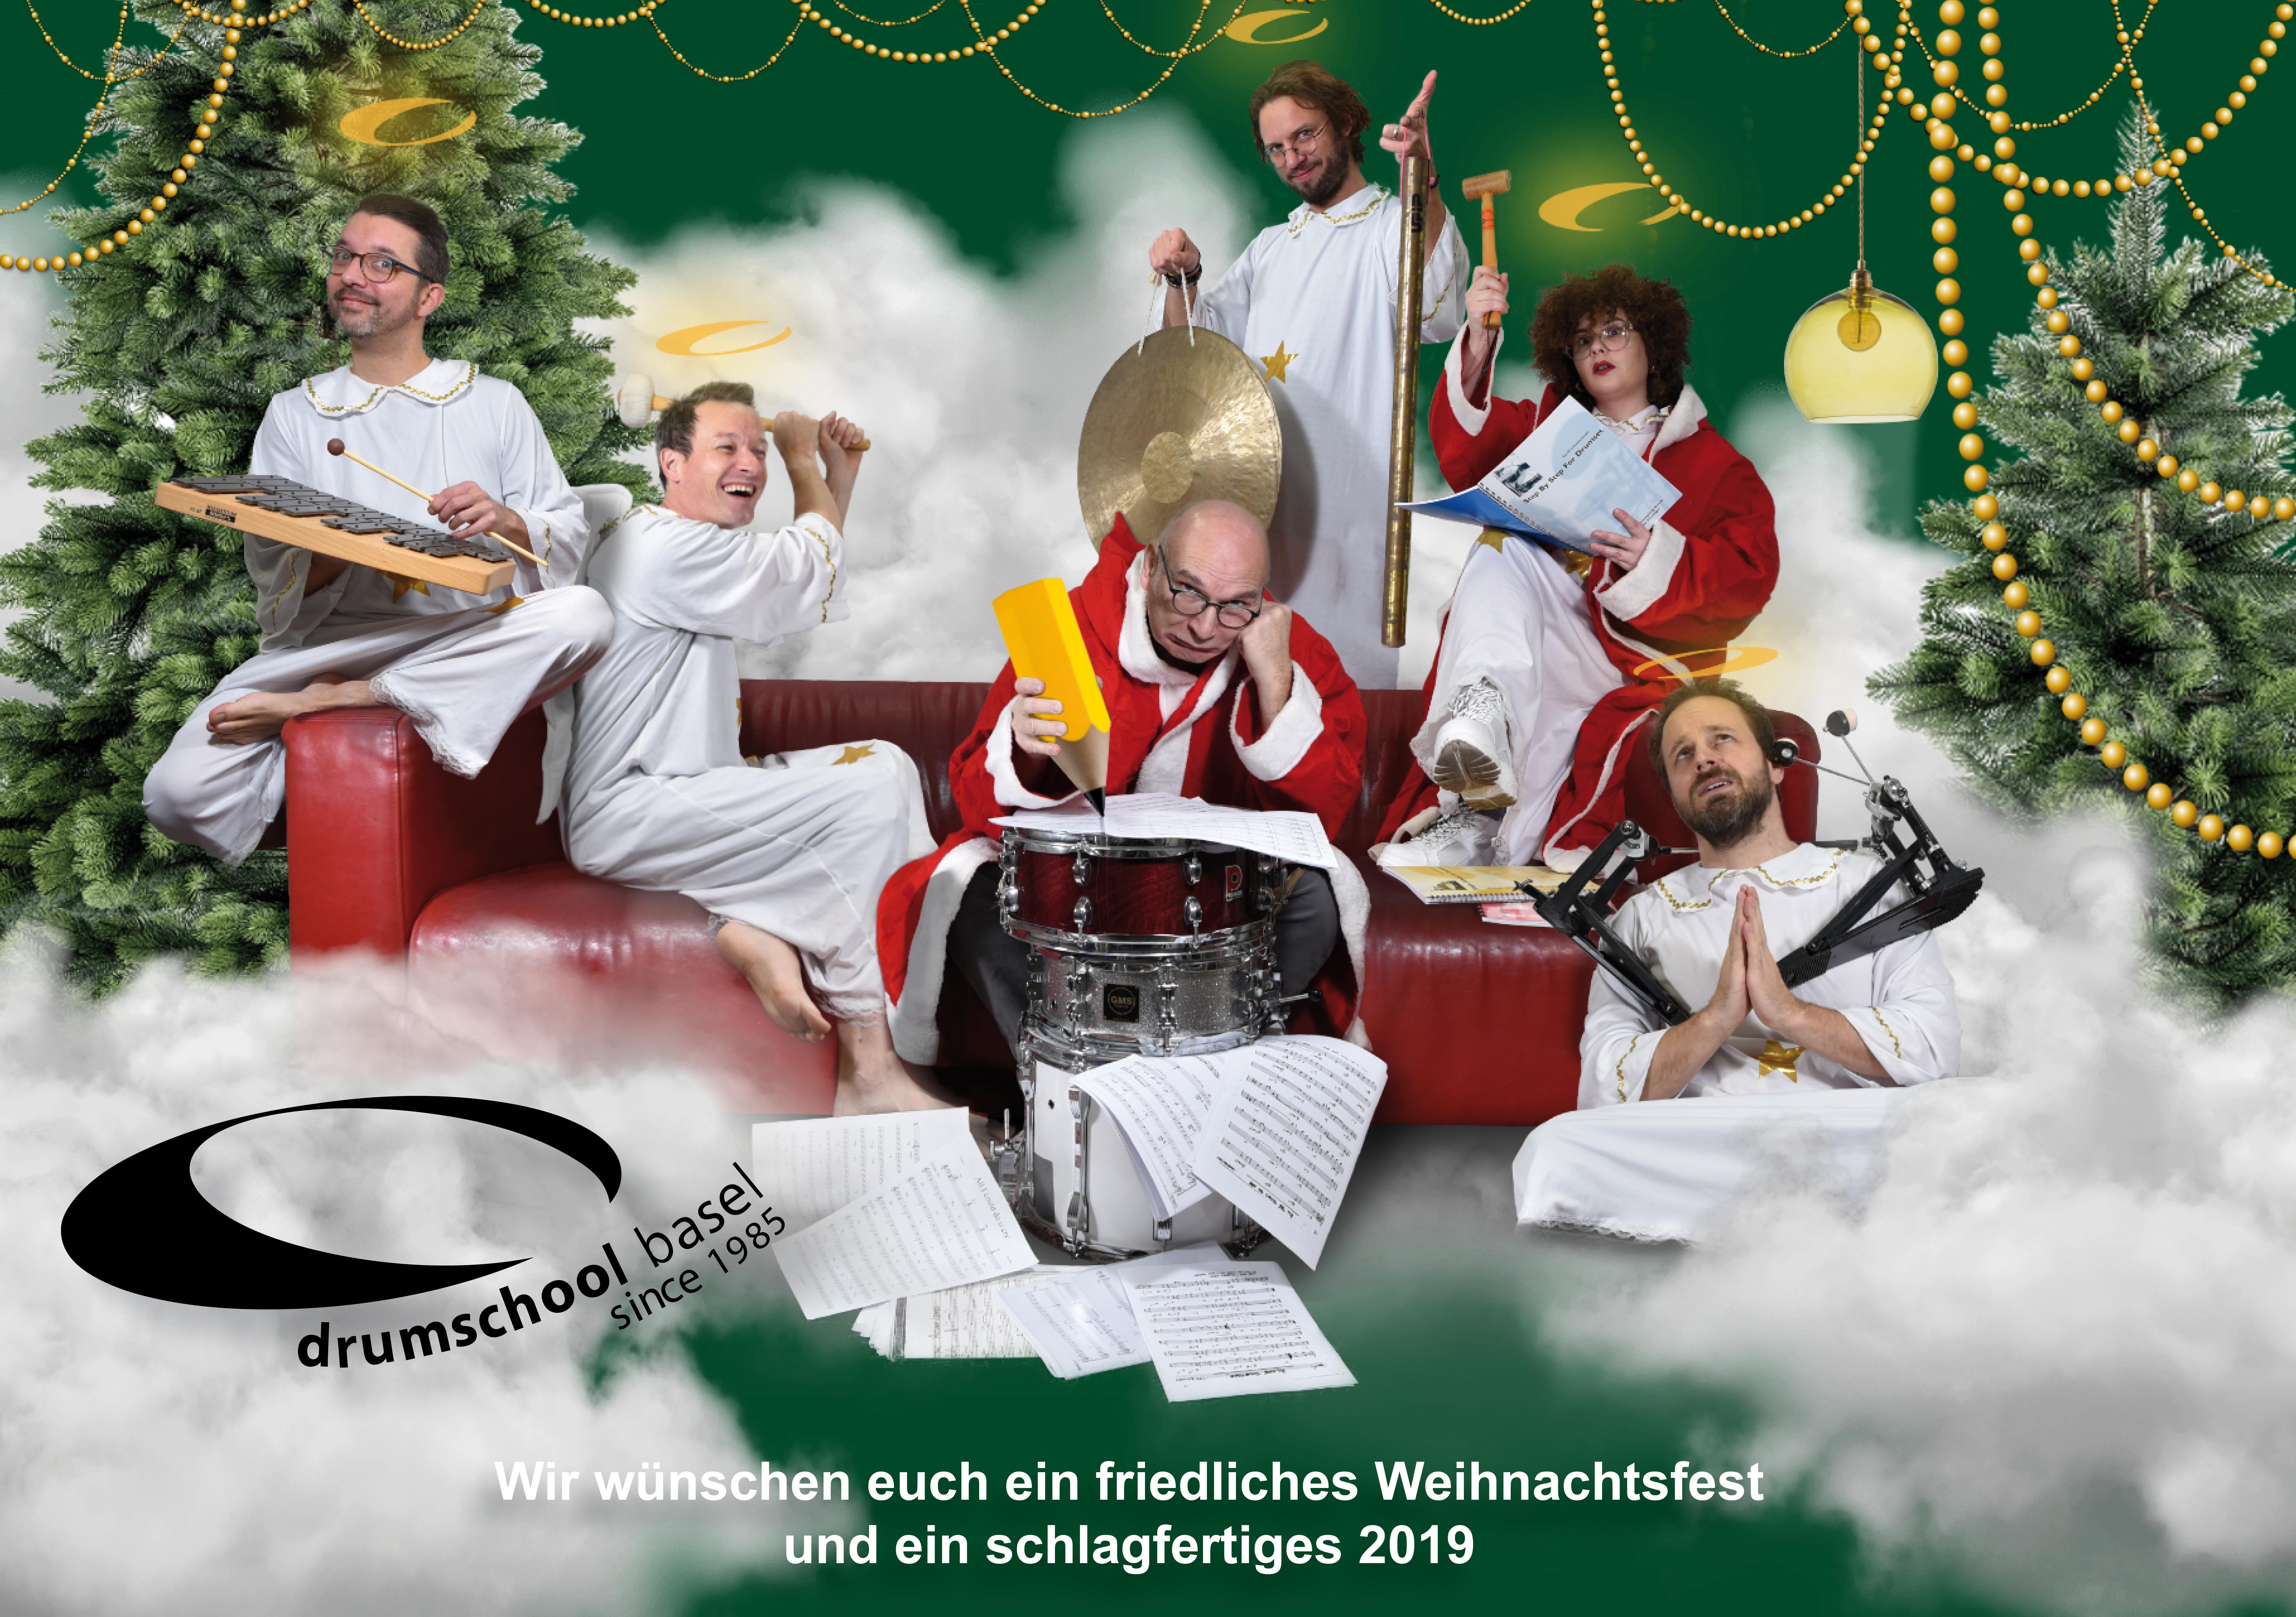 2019 Weihnachten.Weihnachten 2019 Drumschool